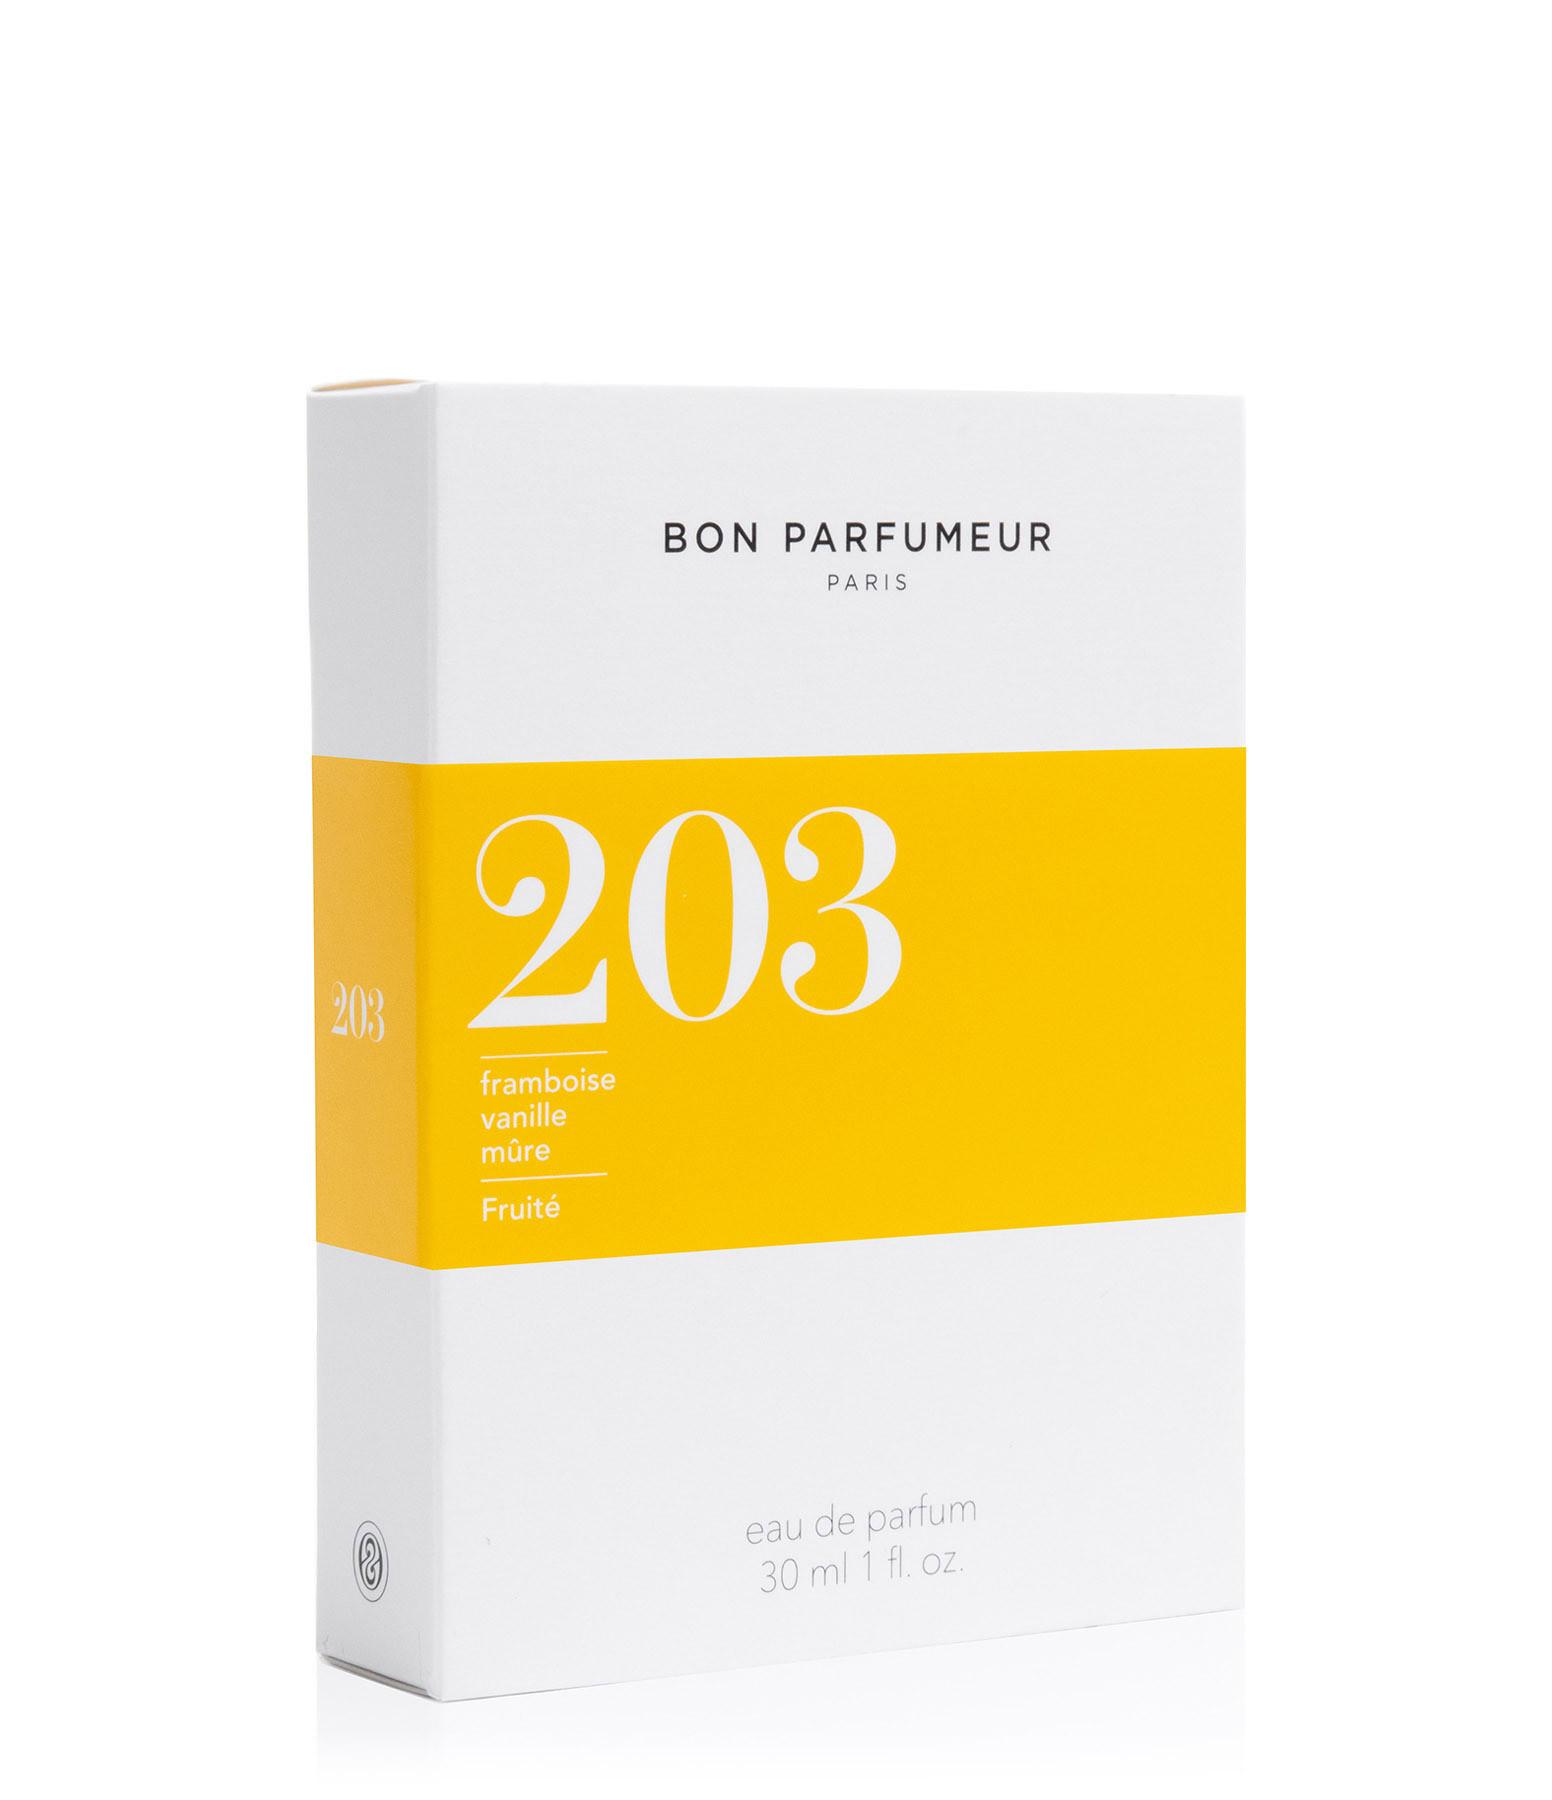 BON PARFUMEUR - Eau de Parfum #203 Framboise, Vanille, Mûre